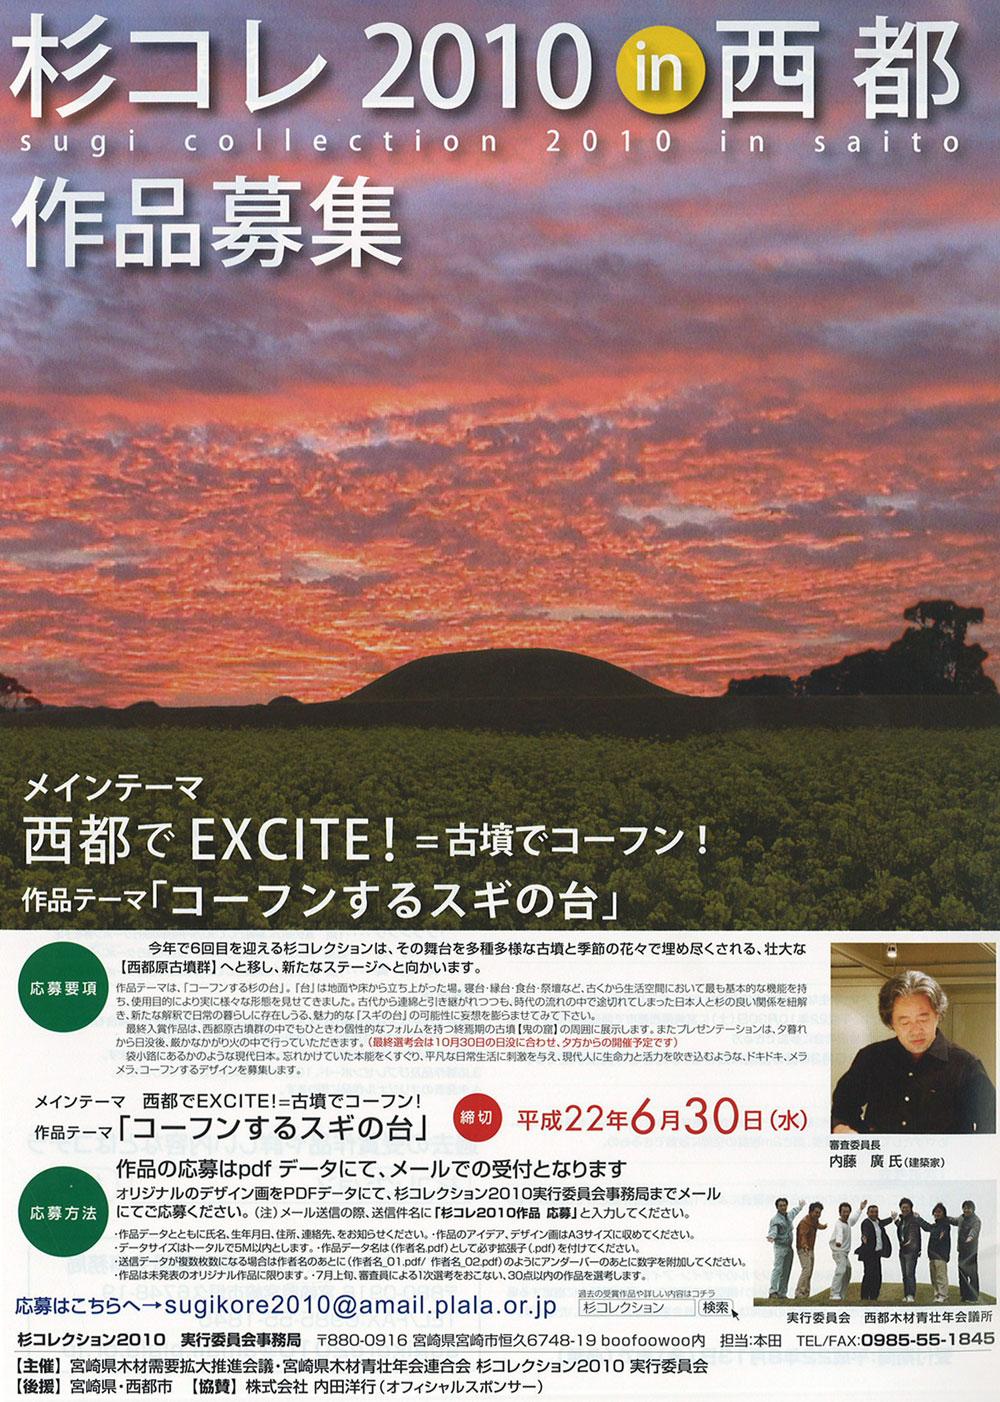 杉コレクション2010作品募集!_f0105533_10382135.jpg